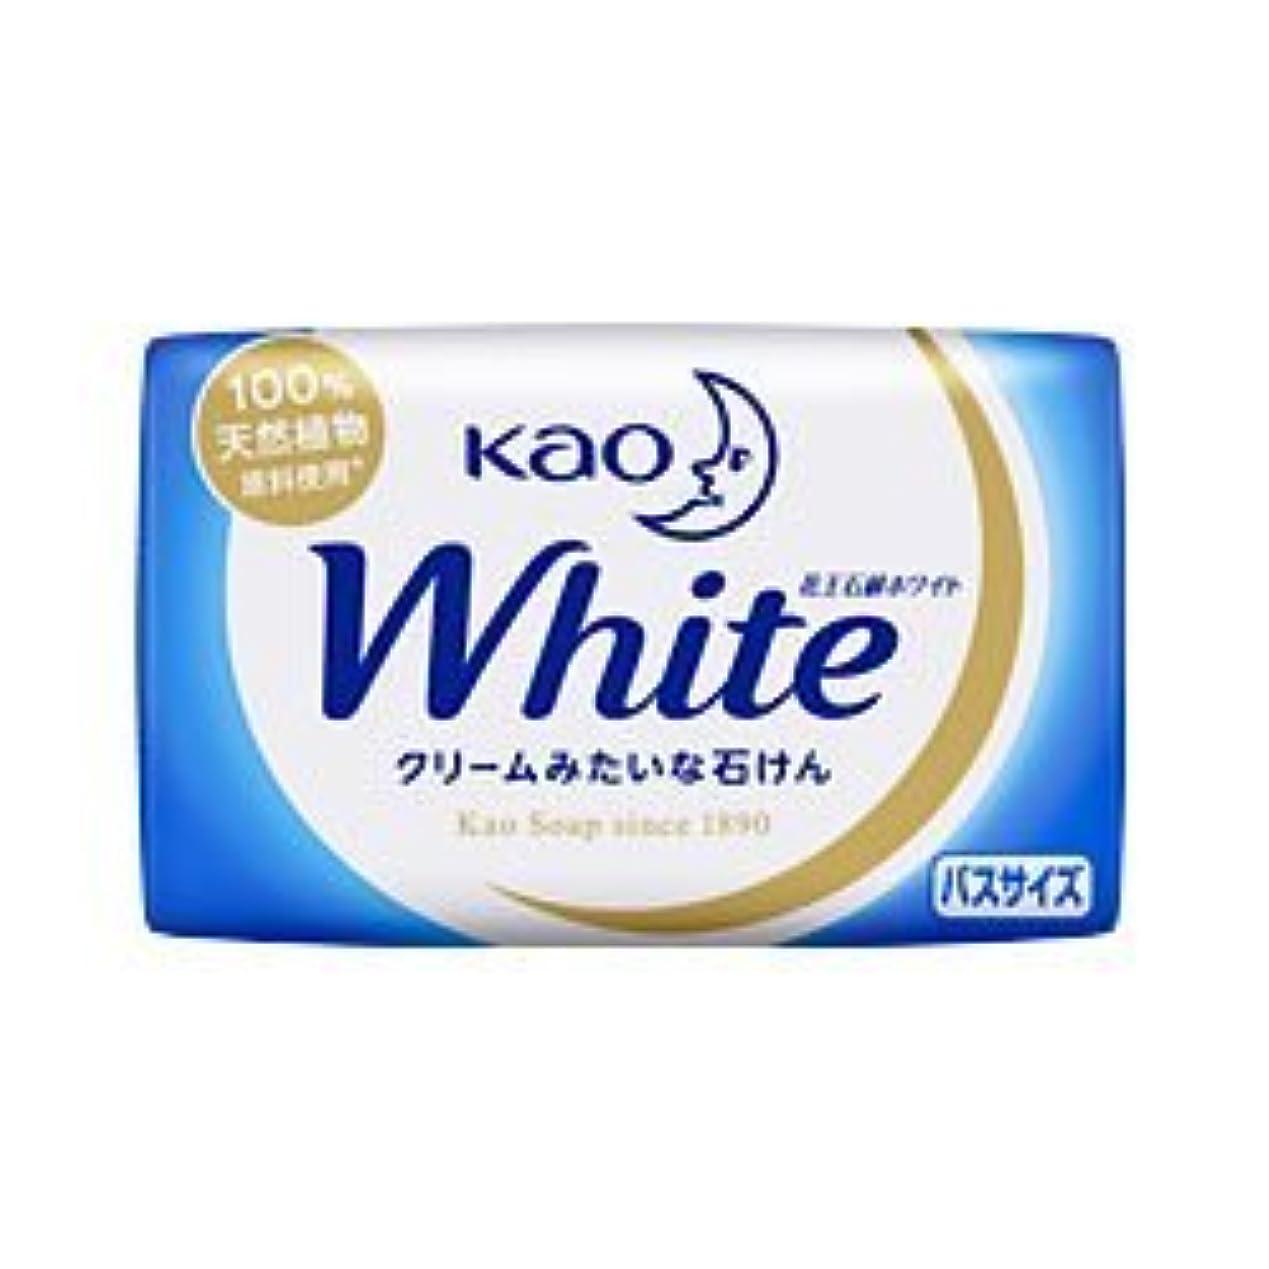 シャンプーカプセルジャーナリスト【花王】花王ホワイト バスサイズ 1個 130g ×5個セット